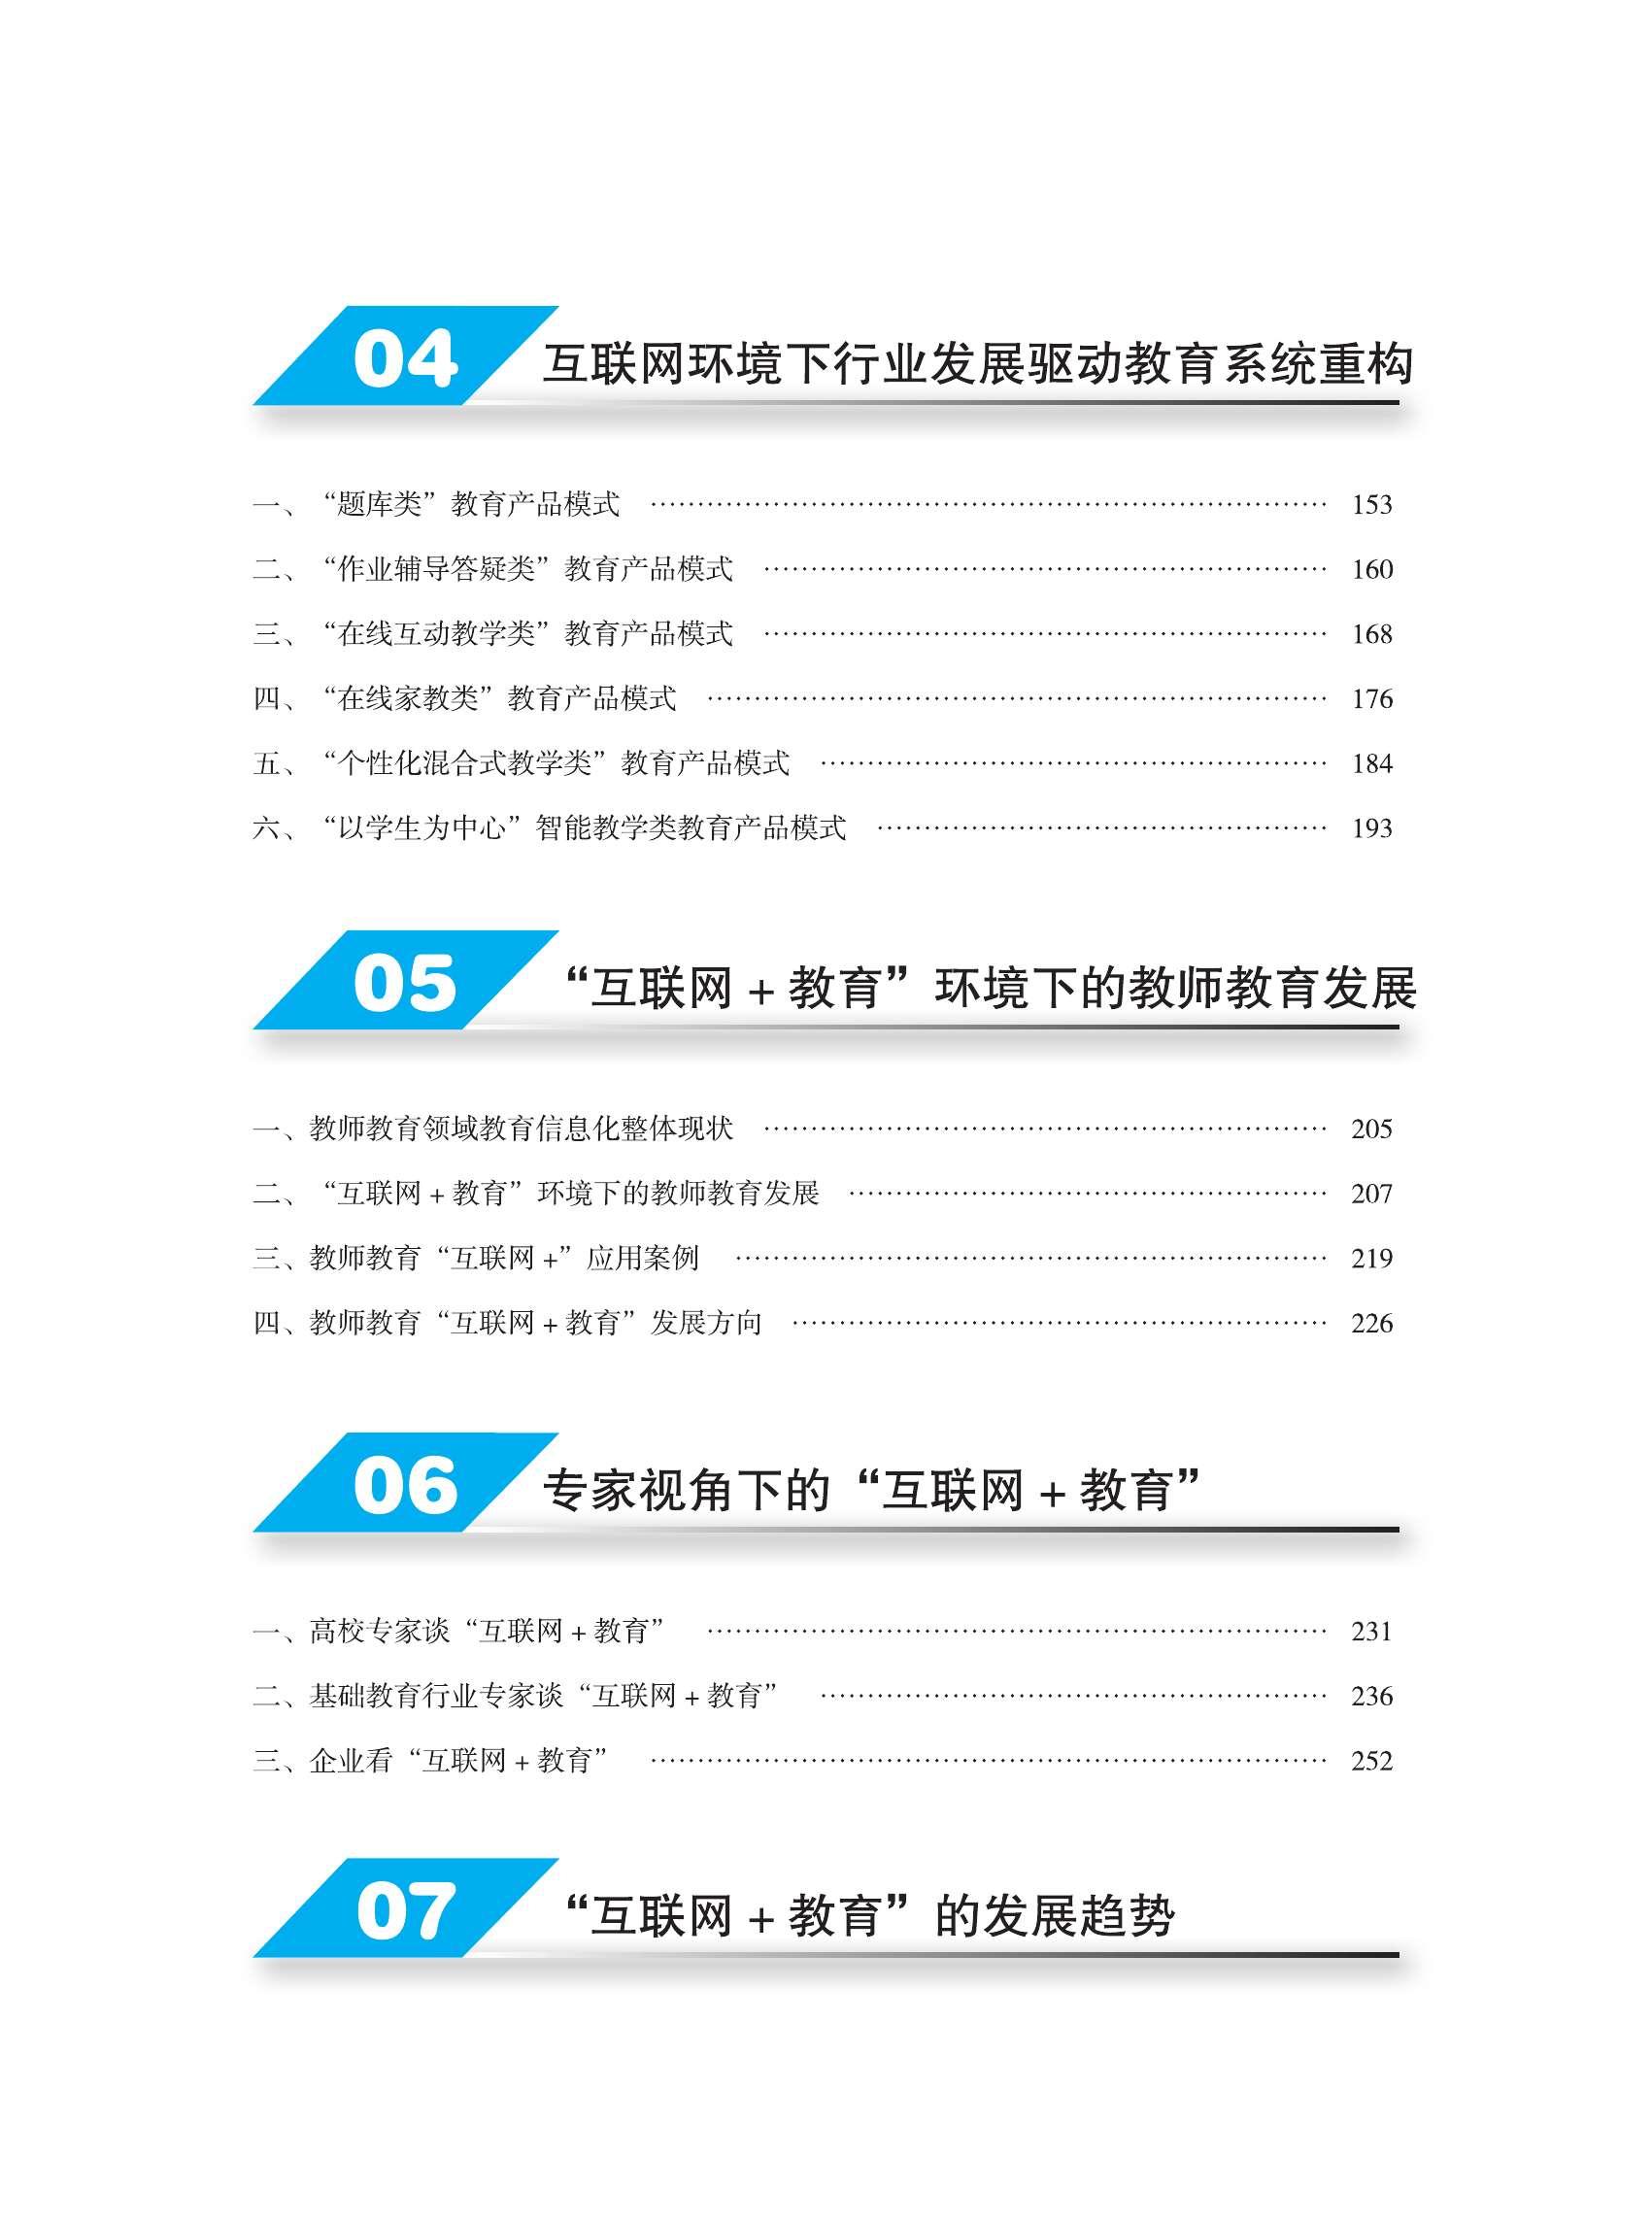 2015年中国互联网学习白皮书_000011